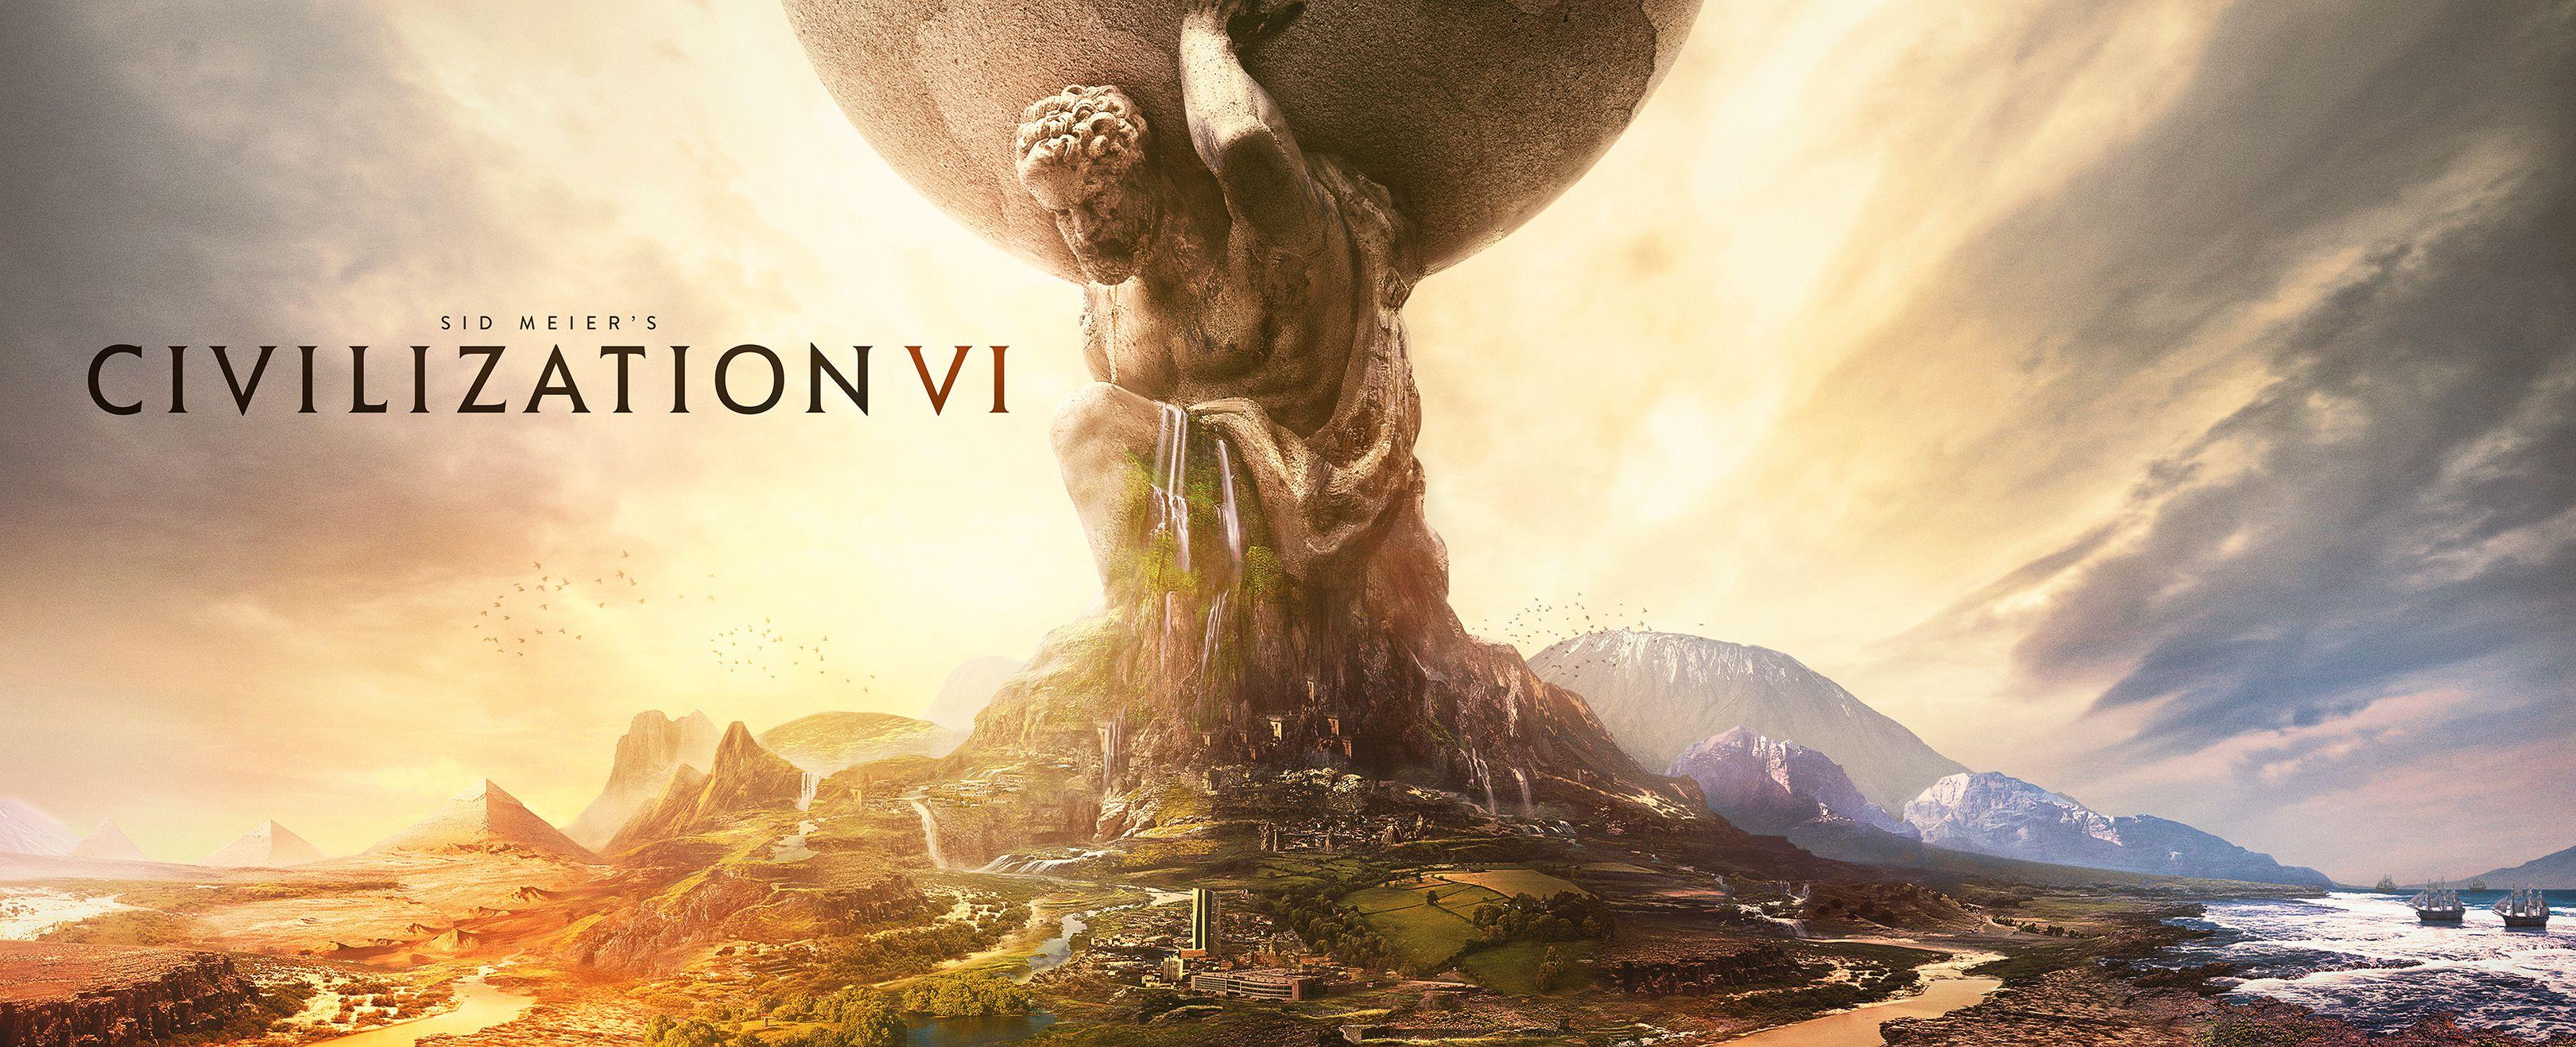 Civilization 6 release date